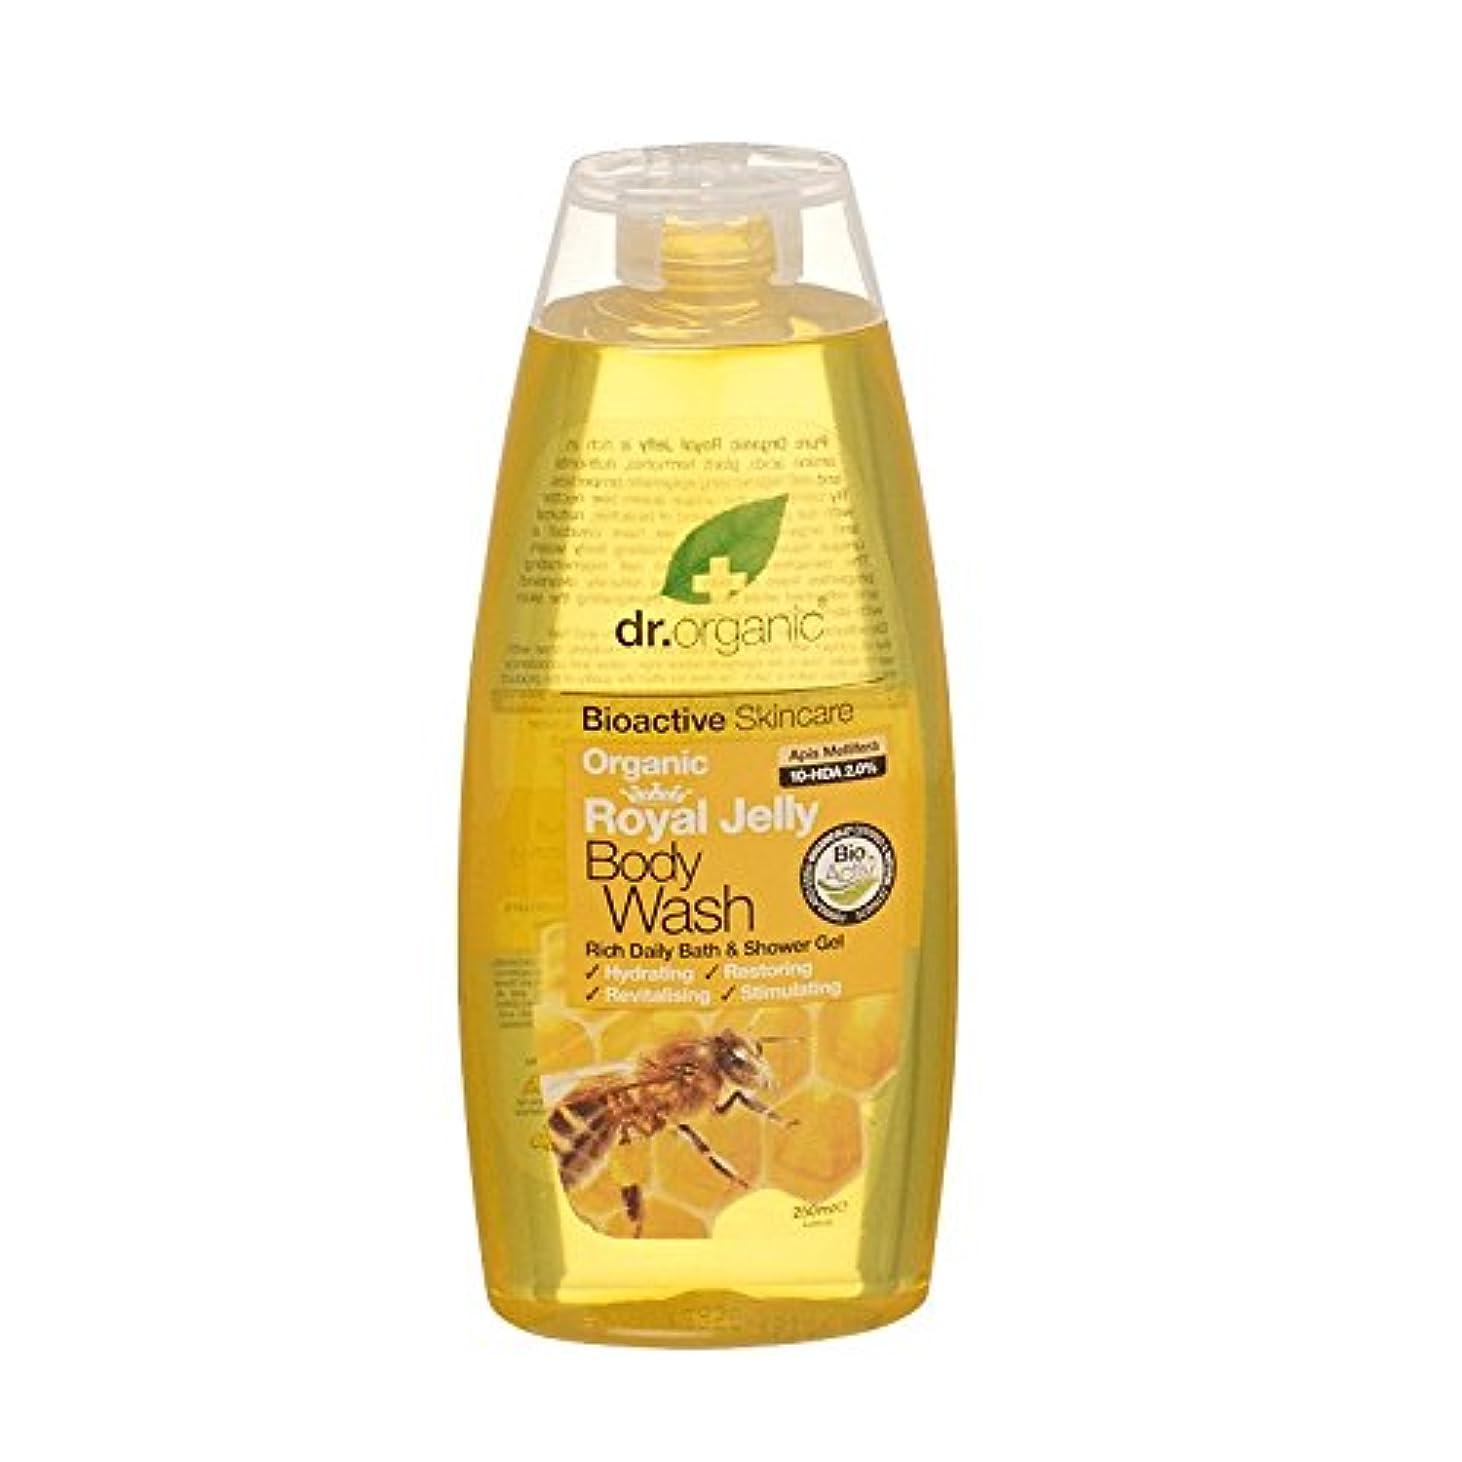 アーサーコナンドイル十分つばDr有機ローヤルゼリーボディウォッシュ - Dr Organic Royal Jelly Body Wash (Dr Organic) [並行輸入品]